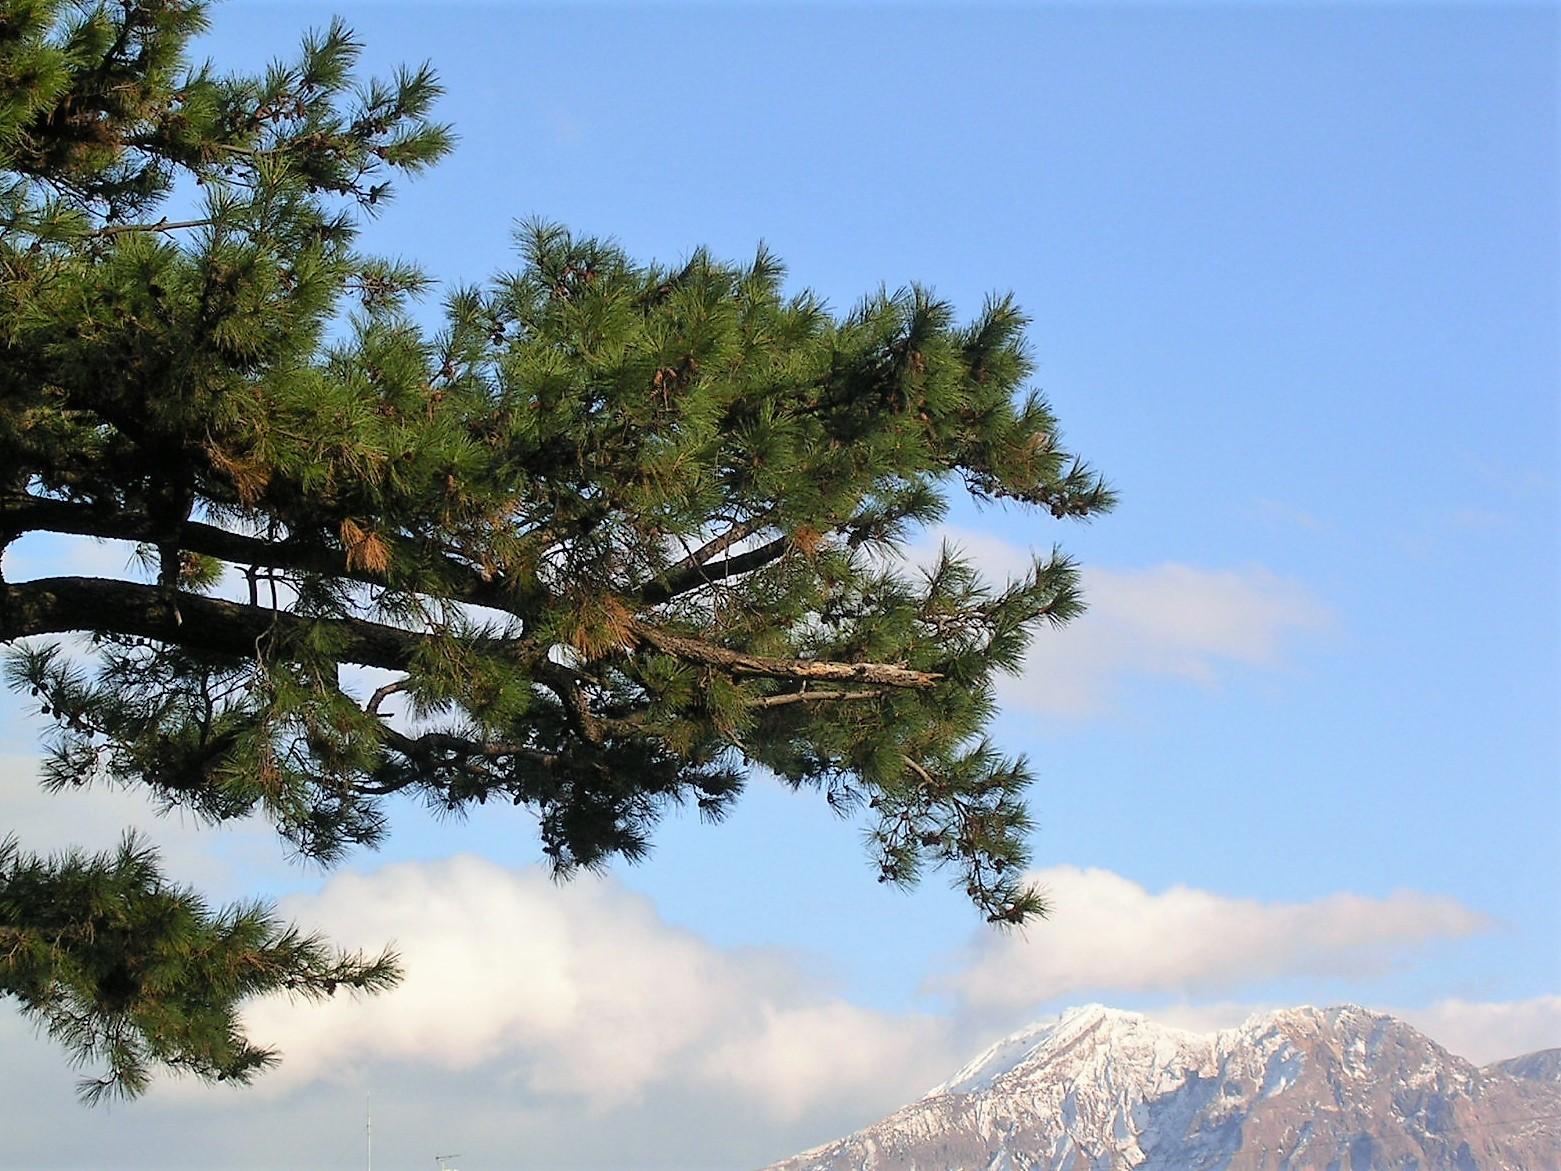 赤松と冠雪の桜島